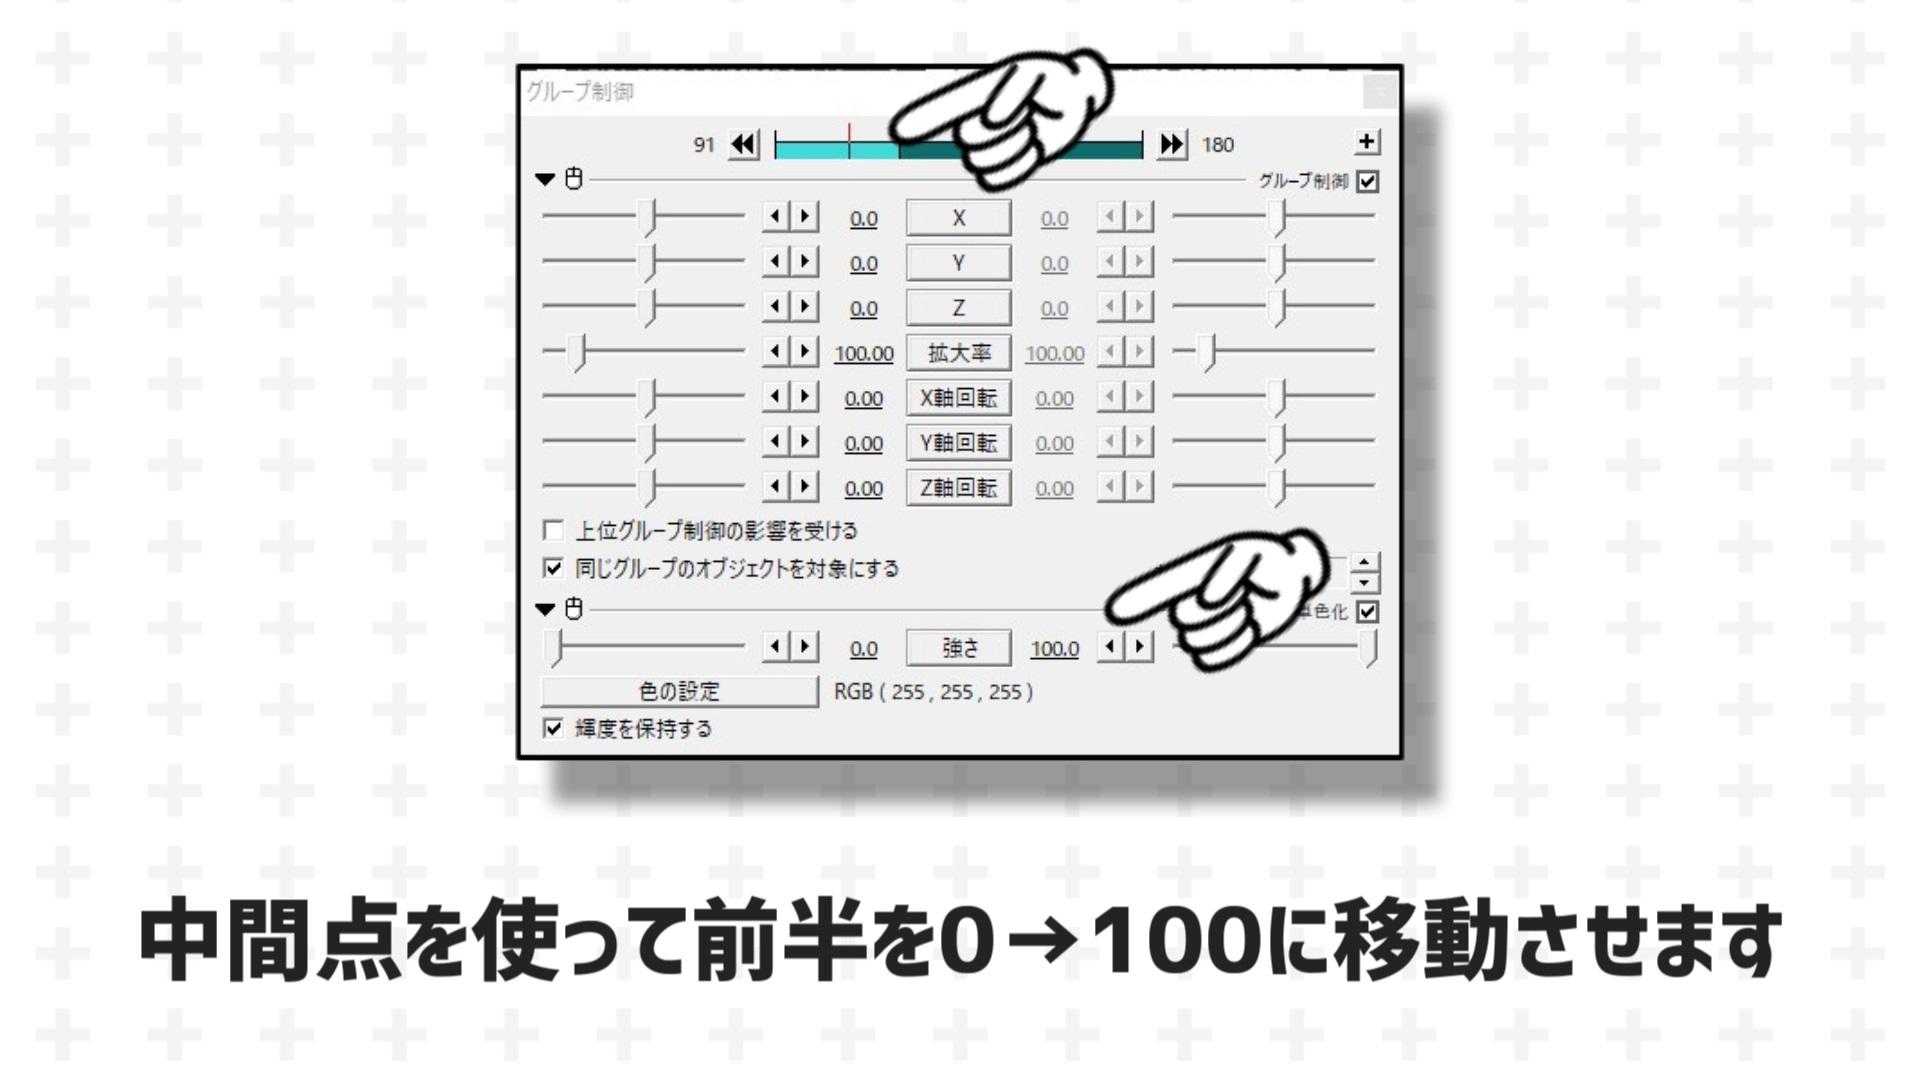 オブジェクトに中間点を打って、前半を0→100に移動させます。 時間は0.5秒程度で良いと思います。